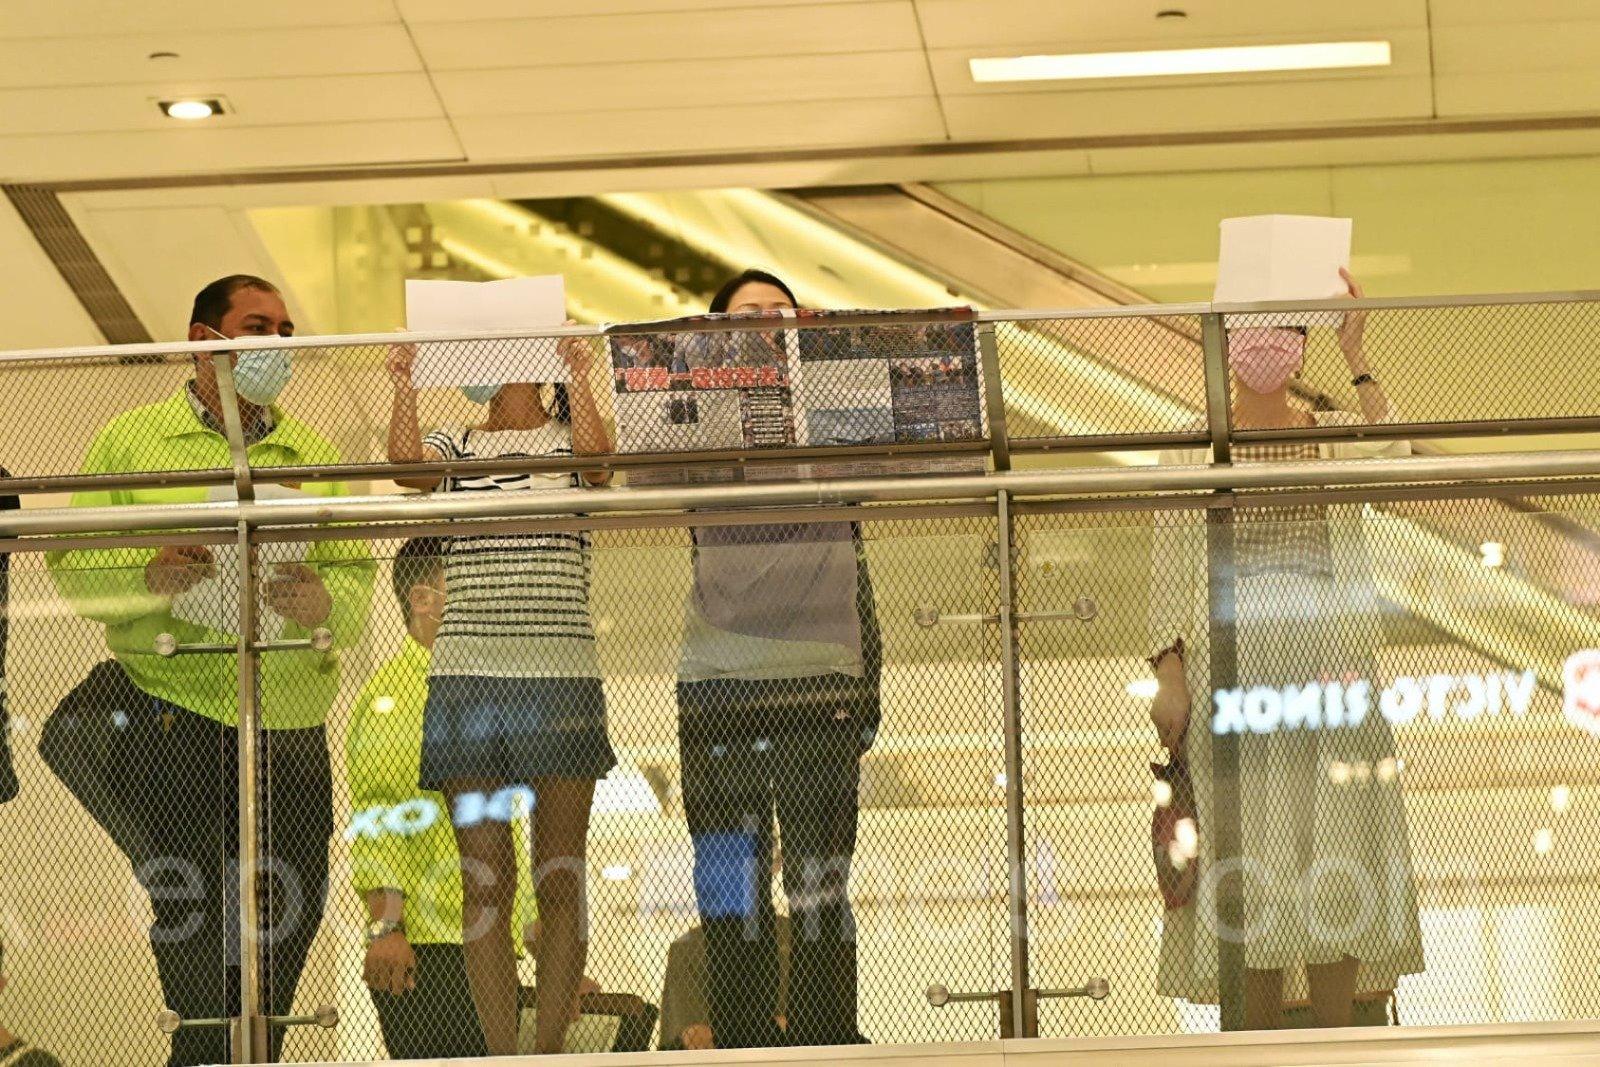 沙田新城市廣場,有市民手持《蘋果日報》或手持白紙,抗議政府打壓新聞自由及言論自由,並高呼口號。(宋碧龍/大紀元)